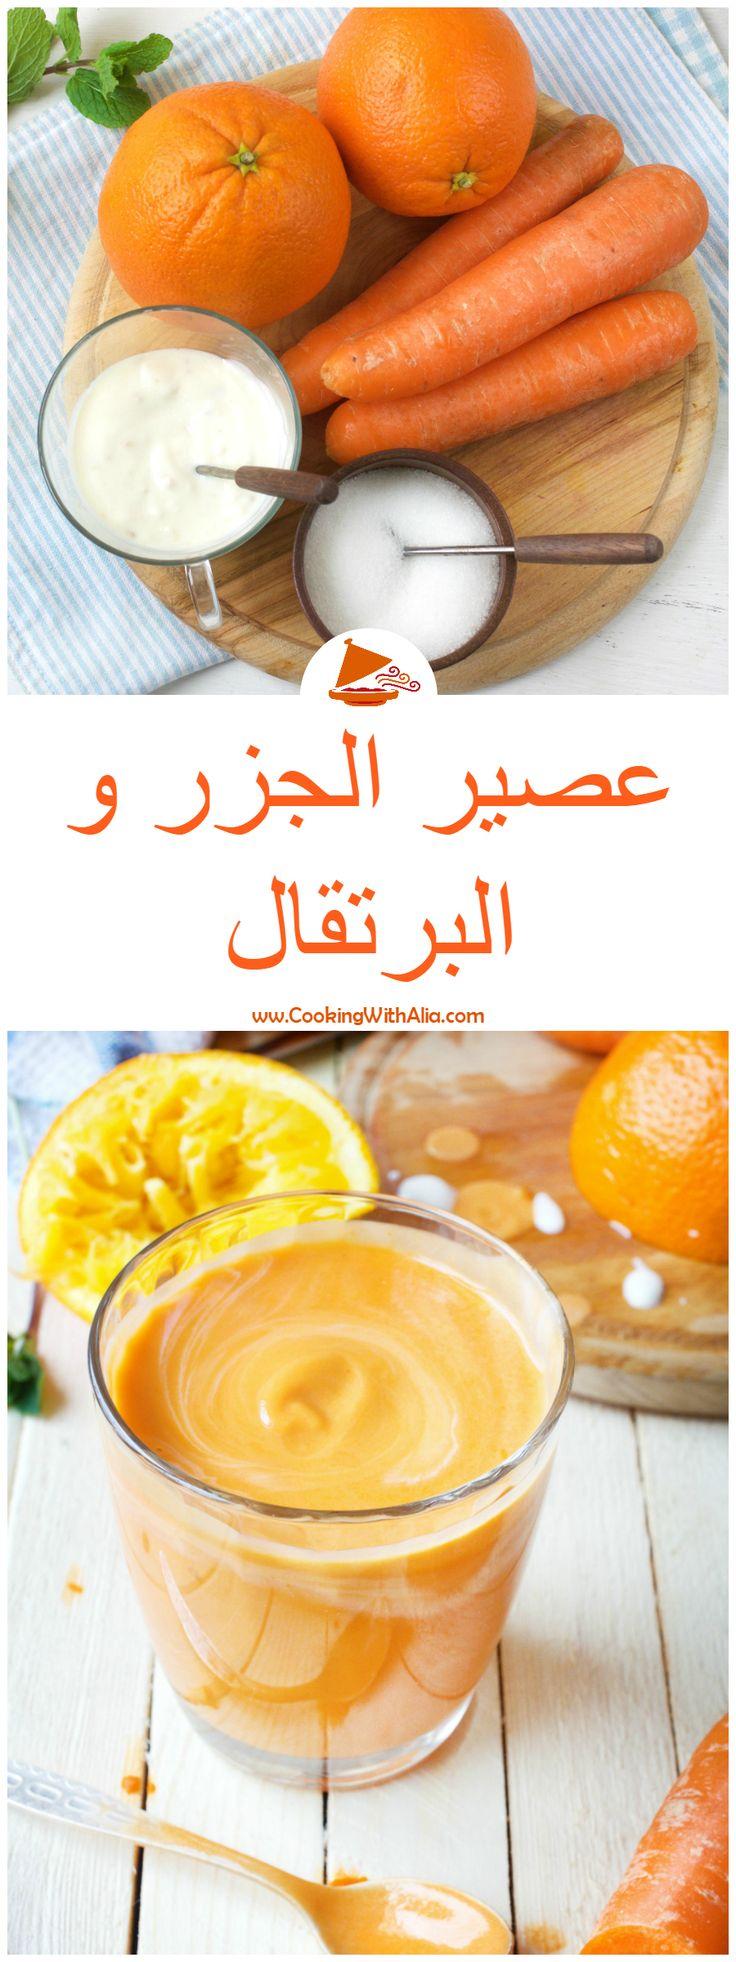 ها هو عصير يمكن أن يكون وجبة إفطار صحية مثالية أنه سريع و لذيذ جدا Orange Smoothie Perfect Healthy Breakfast Tasty